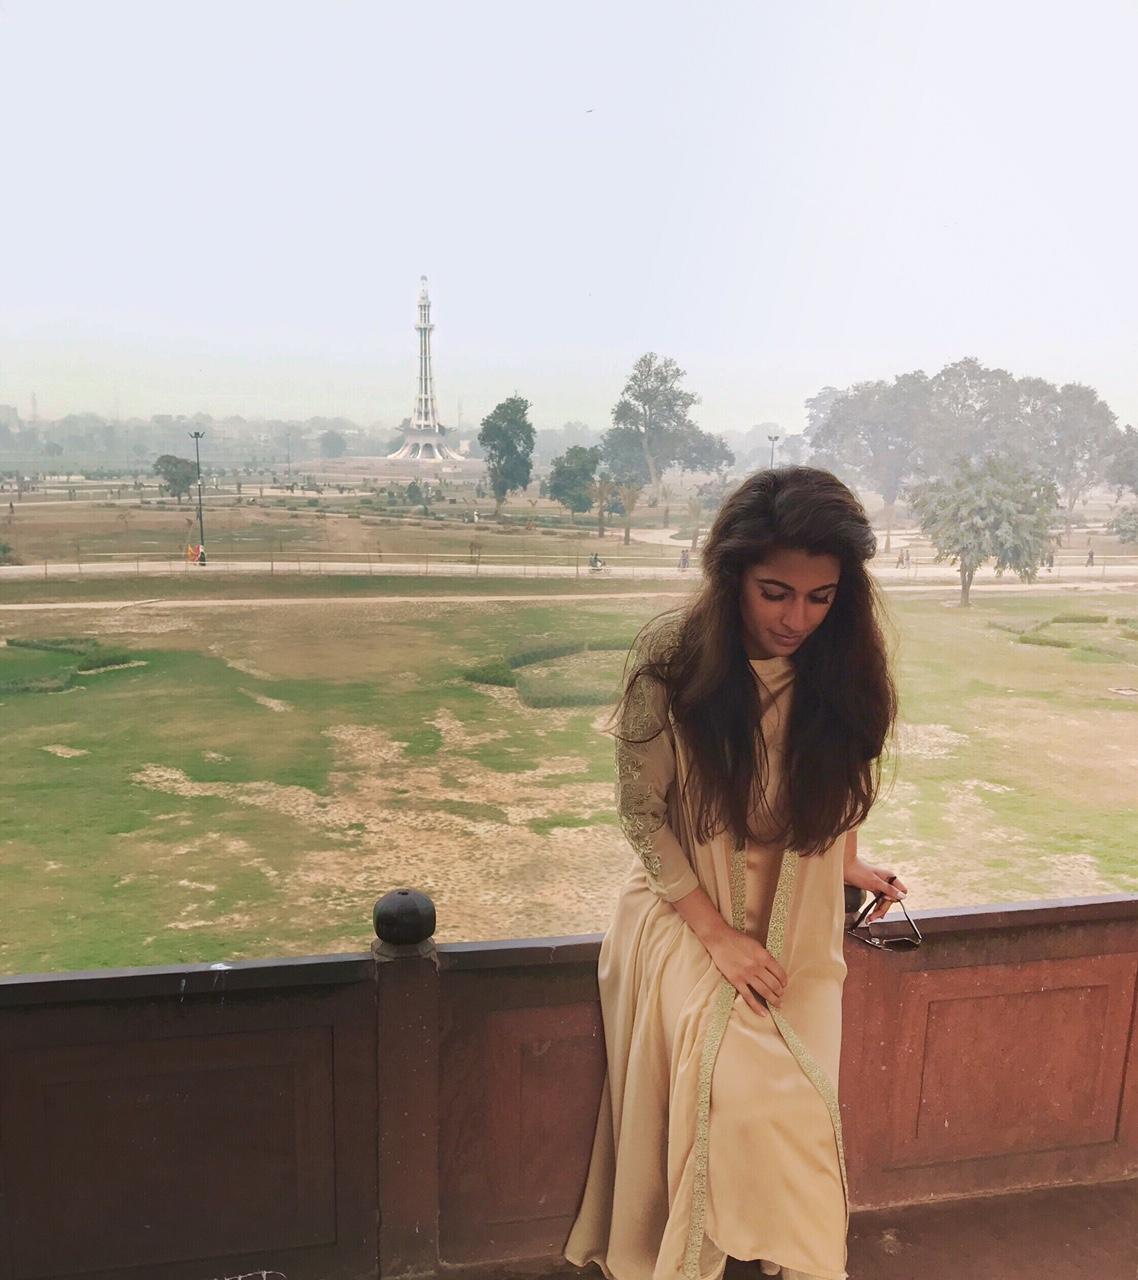 Minar-e-Pakistan - Lahore, Pakistan